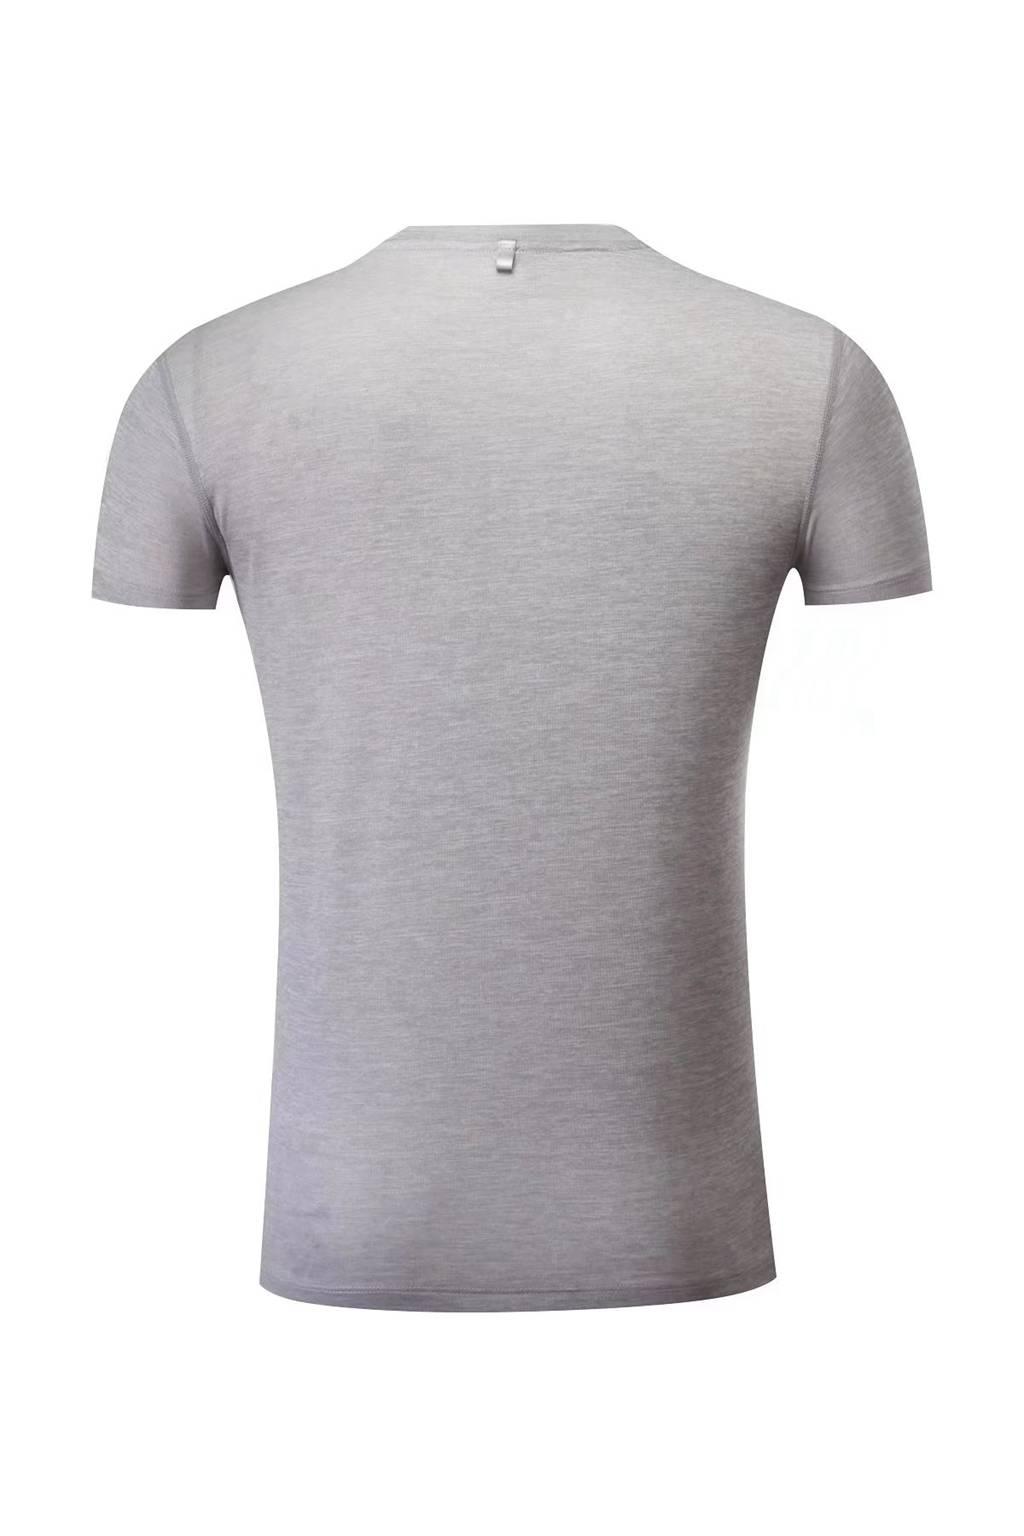 短袖文化衫 夏季圆领吸汗速干透气文化衫运动T恤跑步健身3D细节